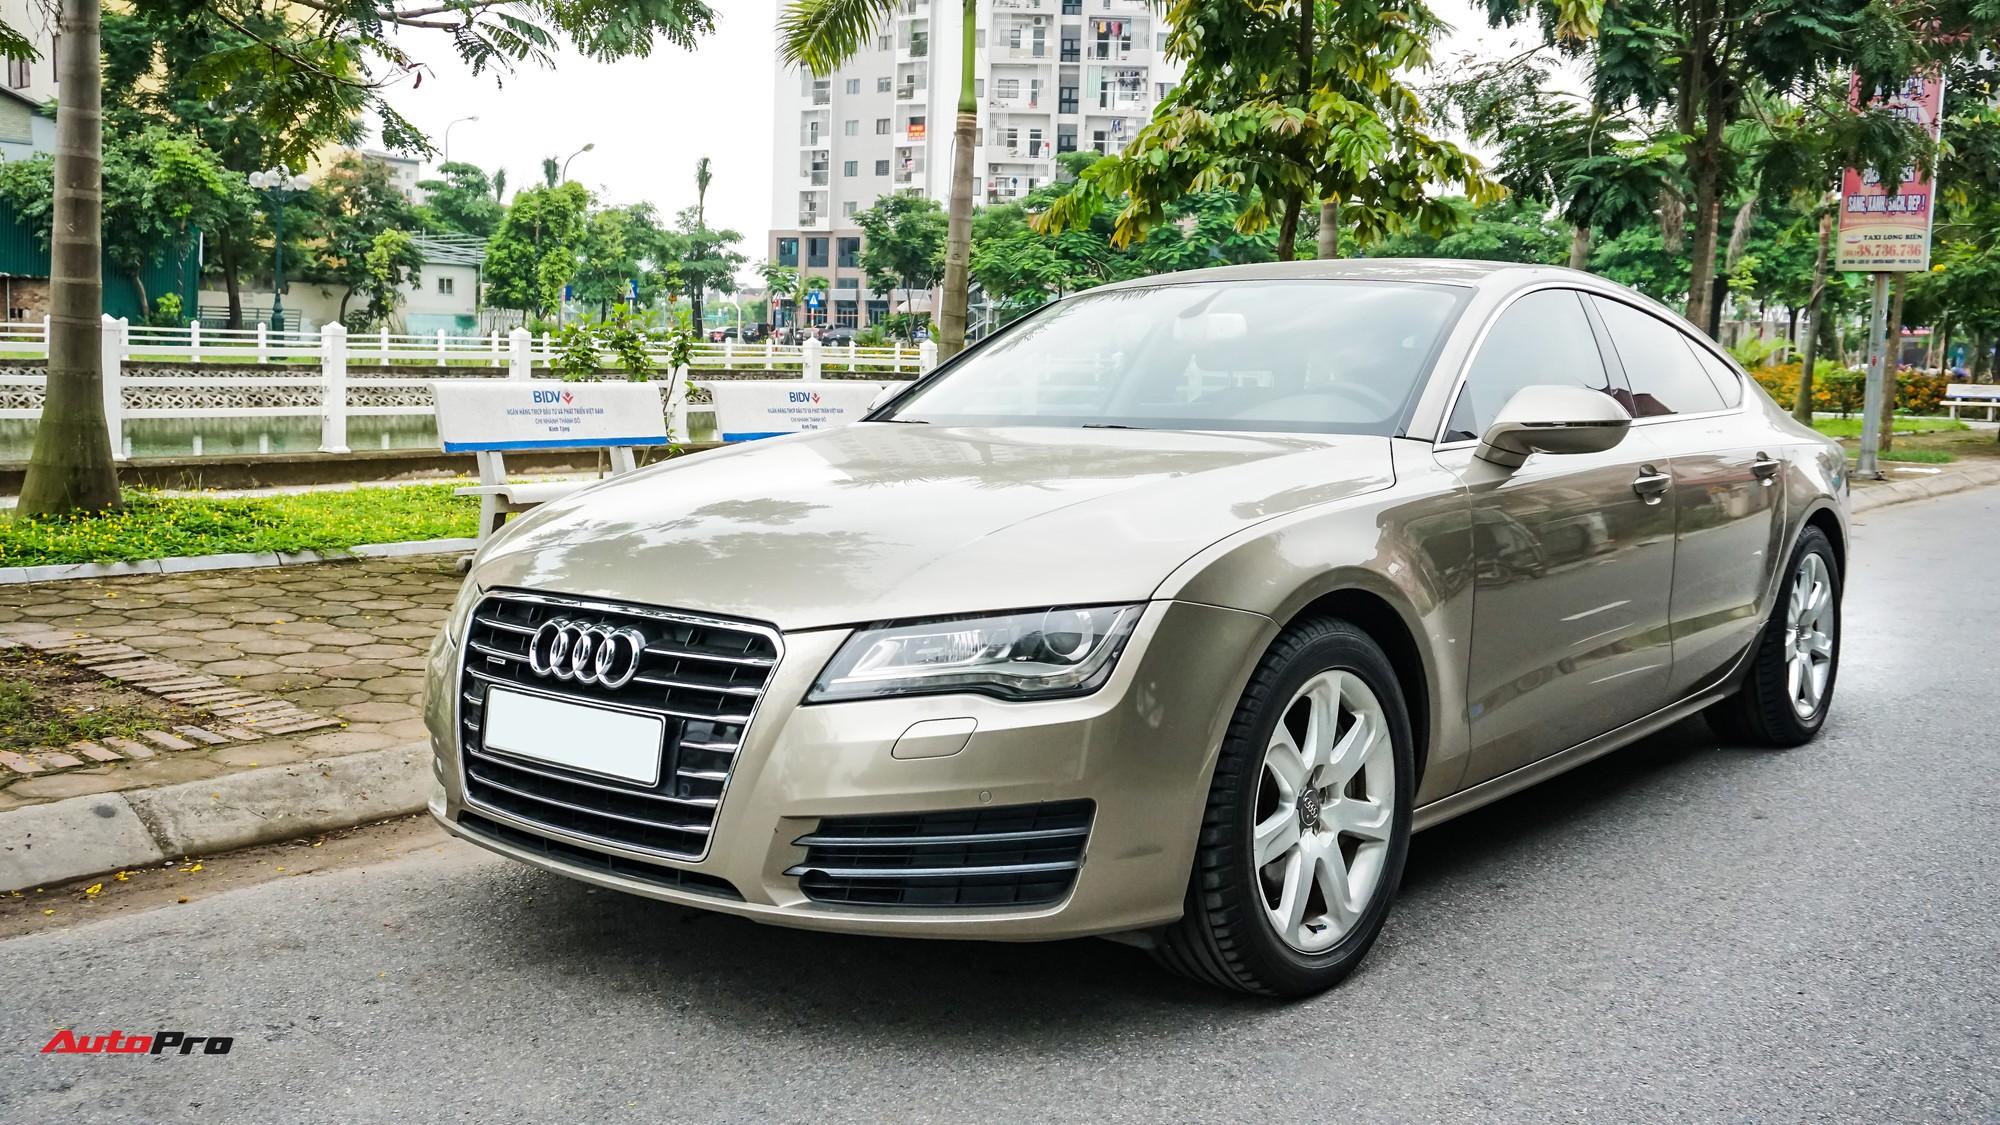 Audi A7 Sportback 7 năm tuổi bán lại 1,5 tỷ đồng tại Hà Nội - Ảnh 17.